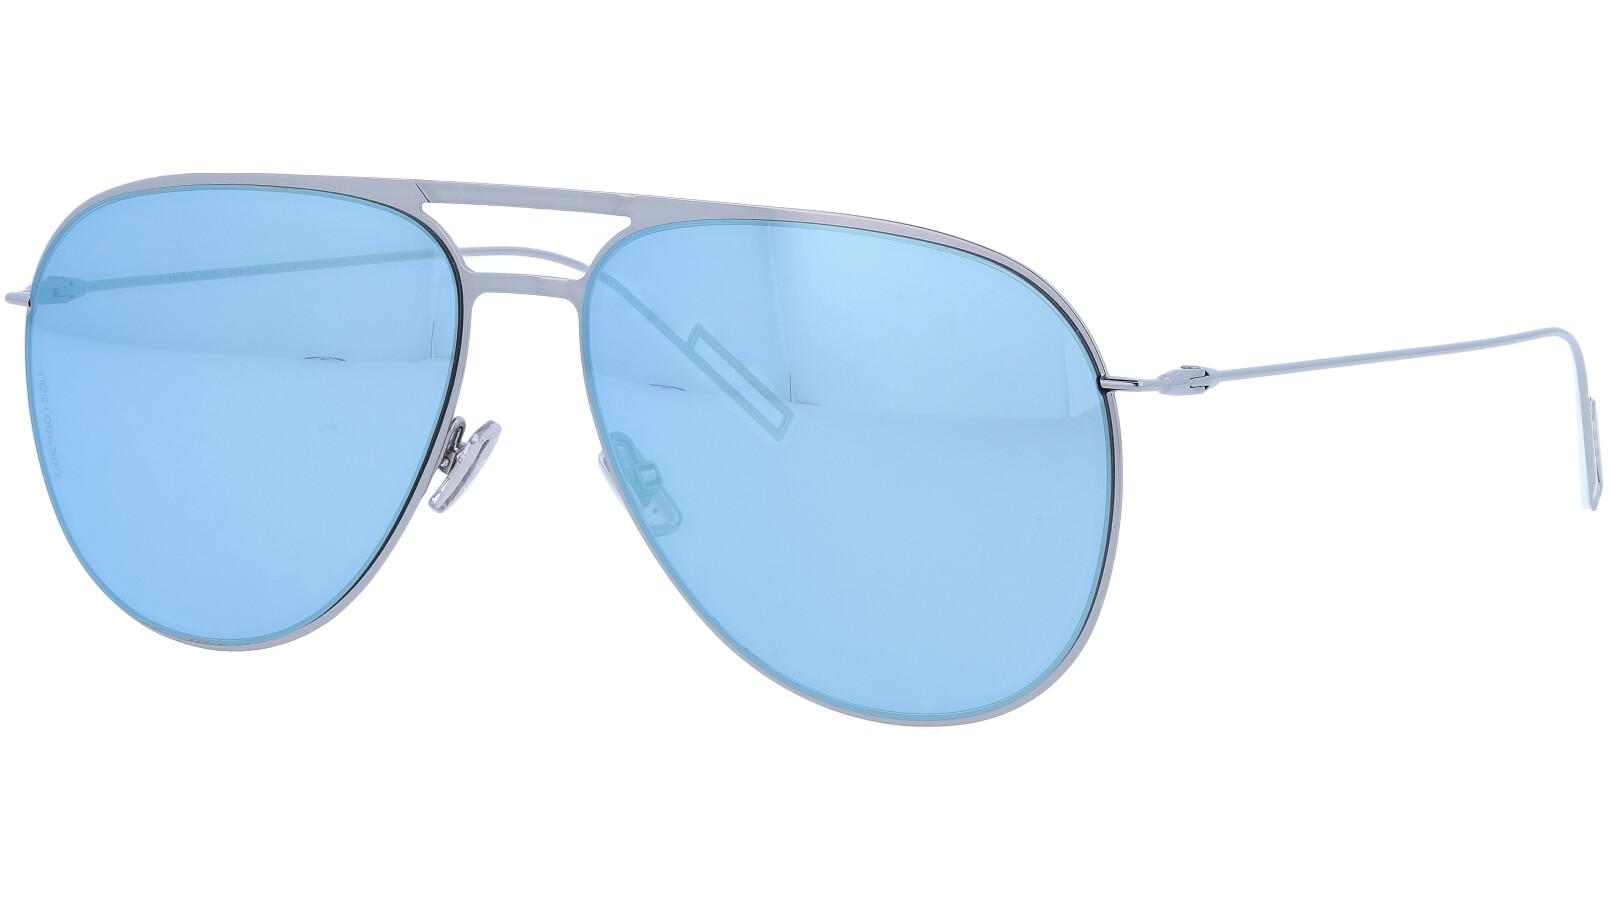 DIOR DIOR0205S 6LB3J 59 RUTHENIUM Sunglasses